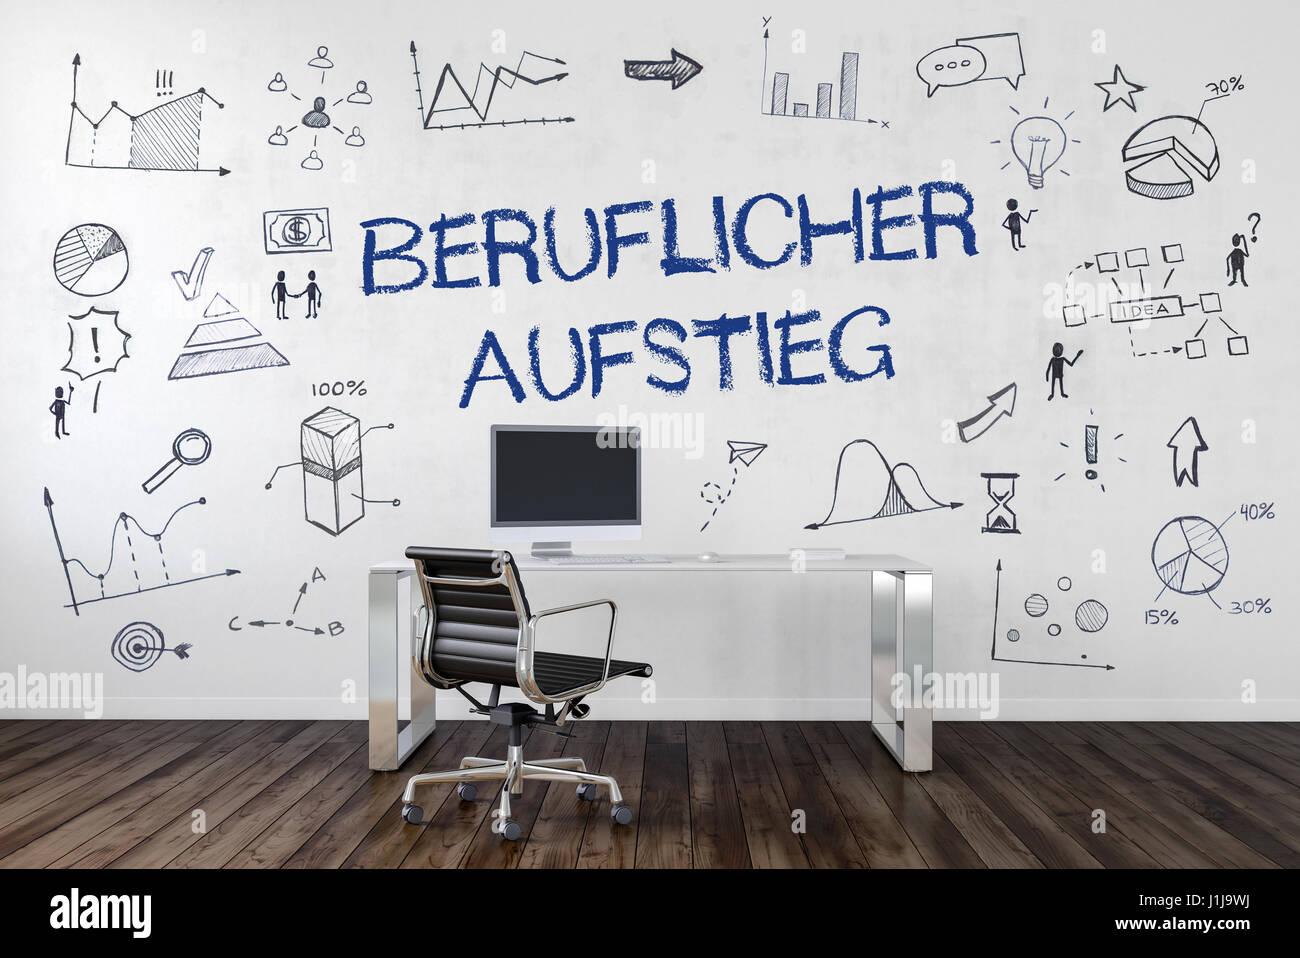 BERUFLICHER AUFSTIEG | Schreibtisch in Büro mit handgezeichneten Symbolen an Wand. Stock Photo